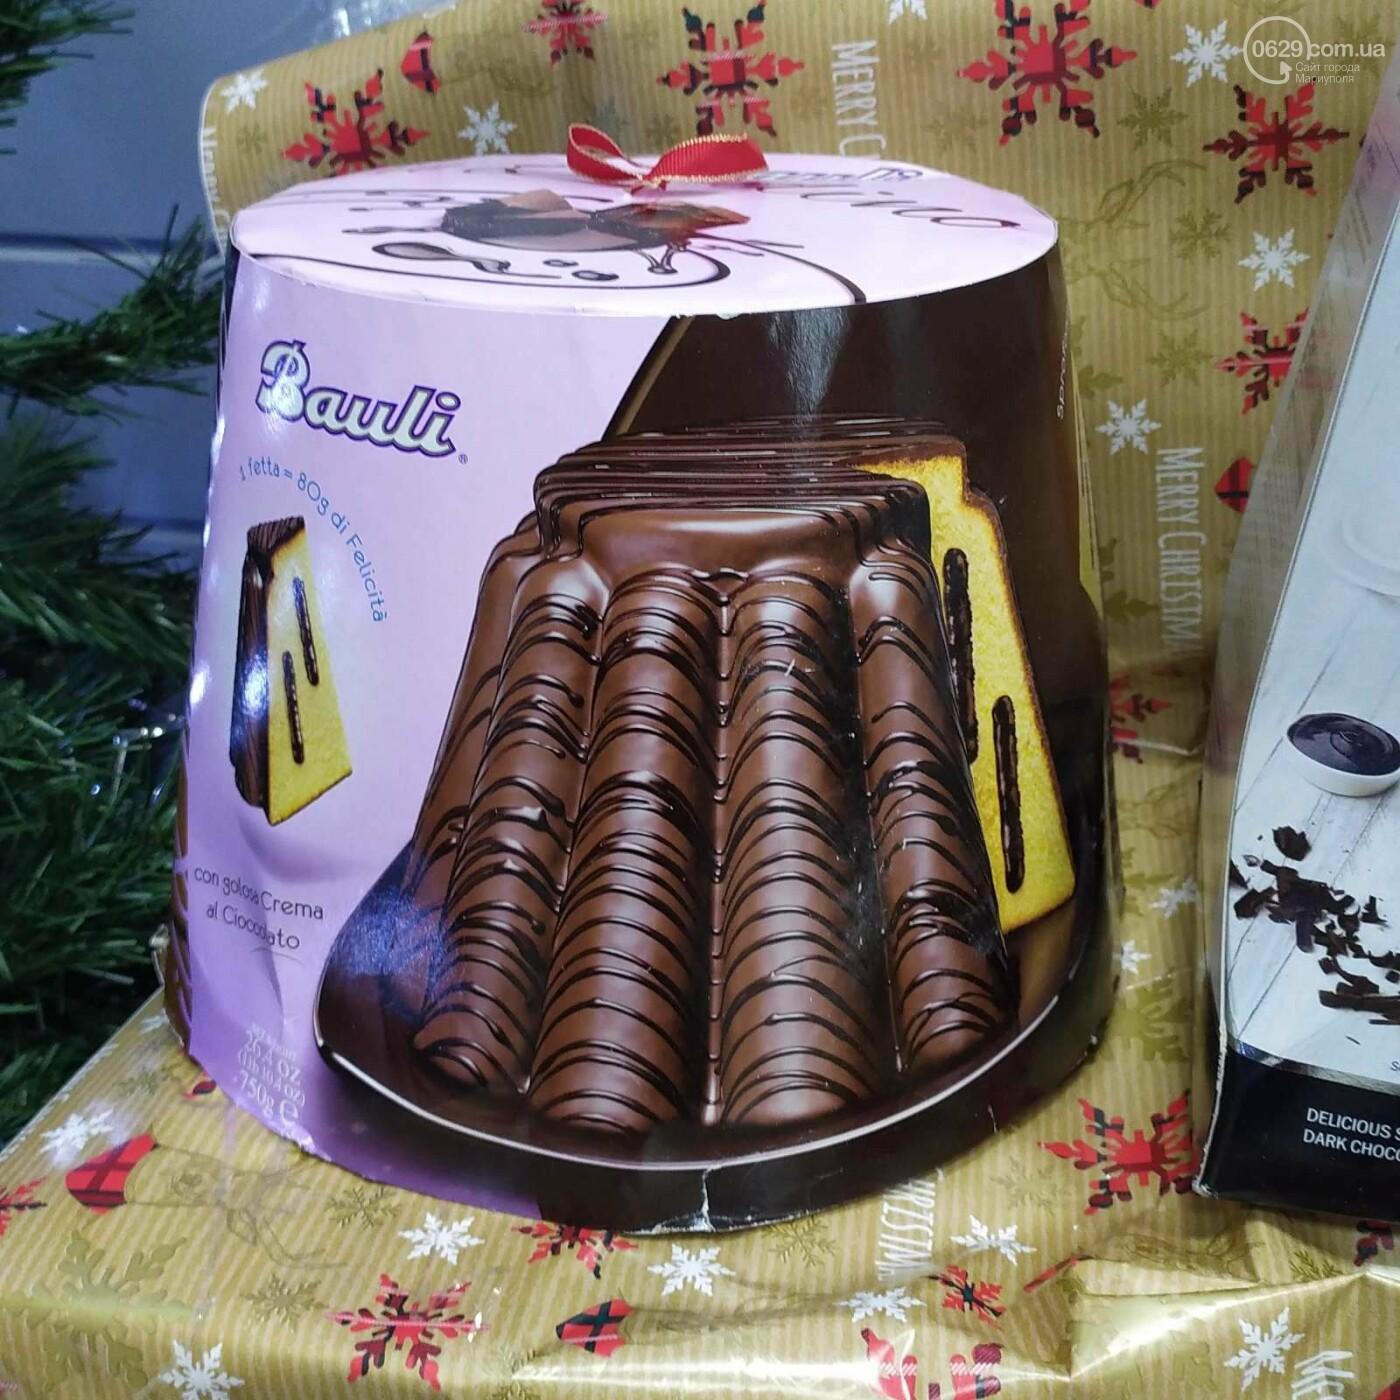 Маленький итальянский магазин Mirabella дарит подарки к Рождественскому столу, фото-15